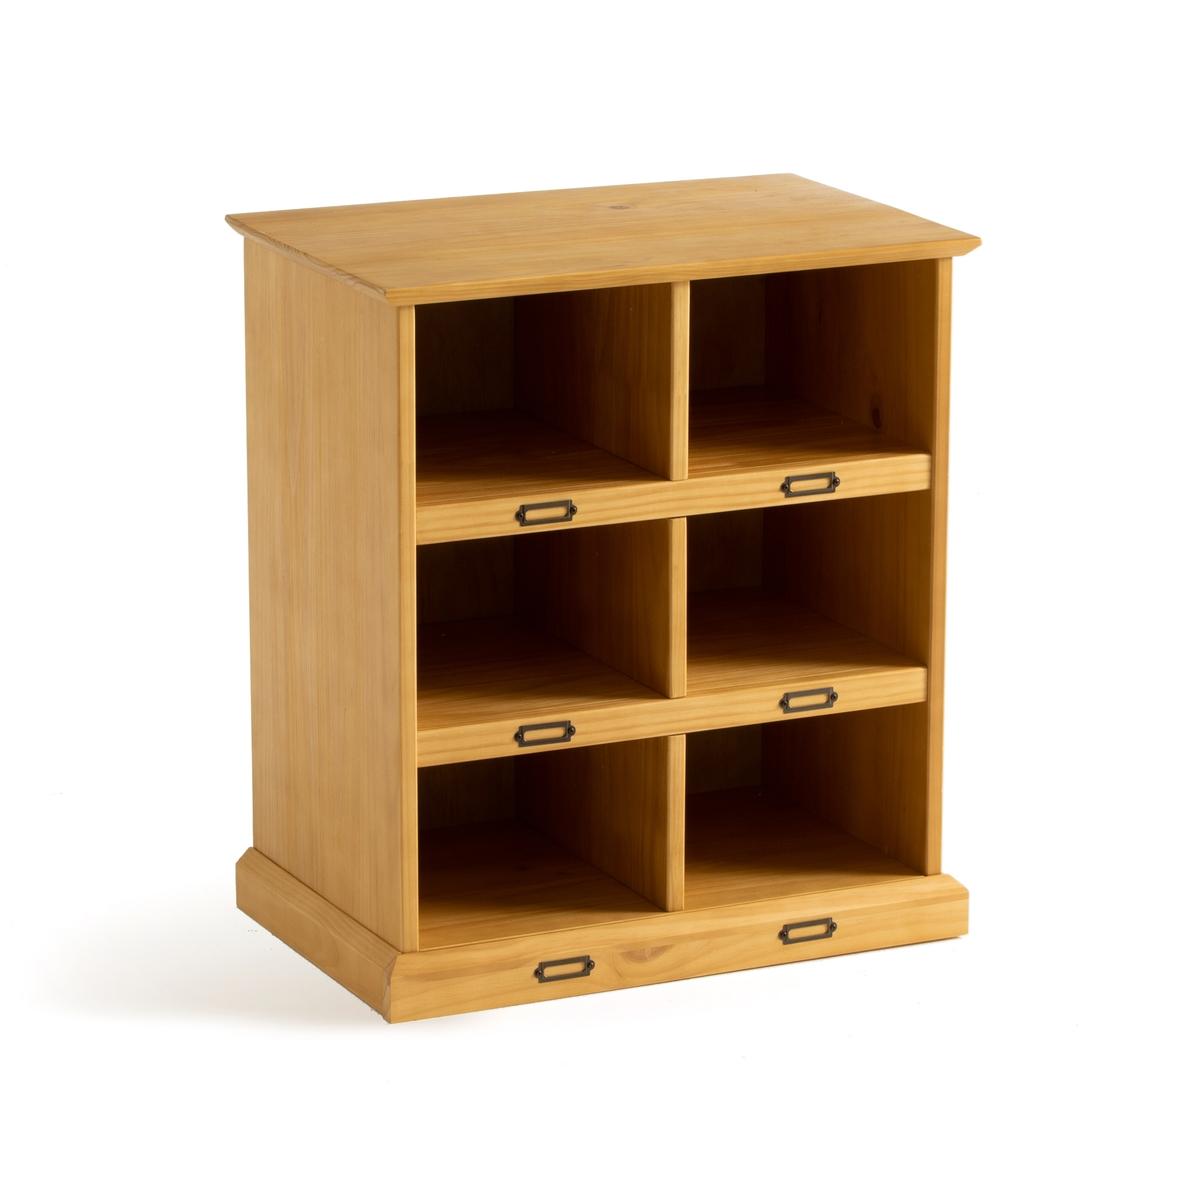 шкаф la redoute lindley единый размер каштановый Полка La Redoute Для обуви Lindley единый размер каштановый